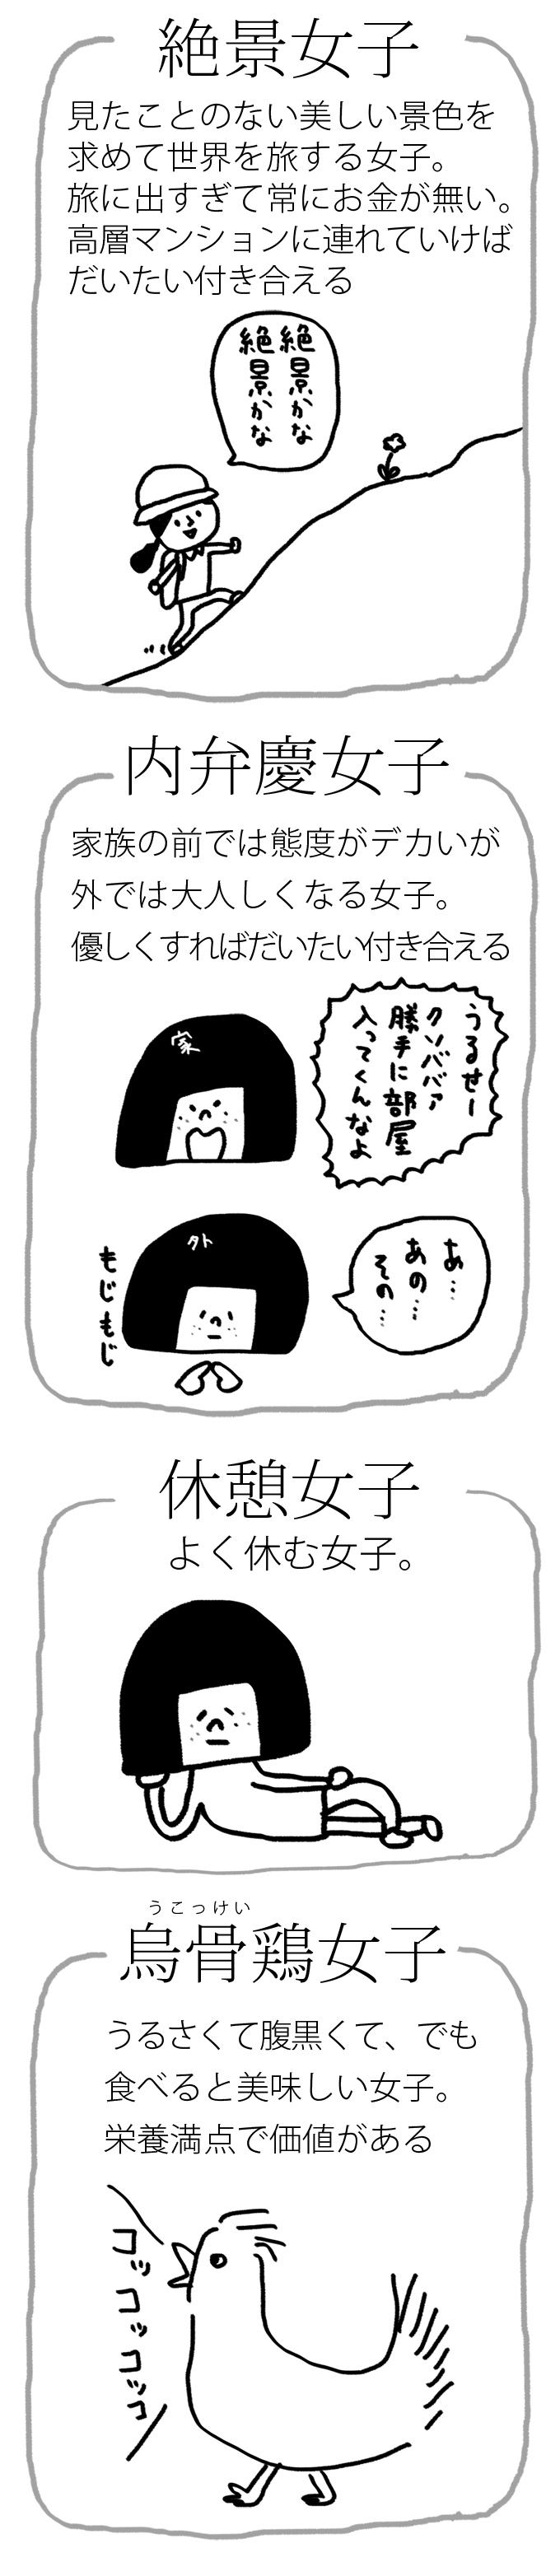 モテないアラサー女子 漫画2